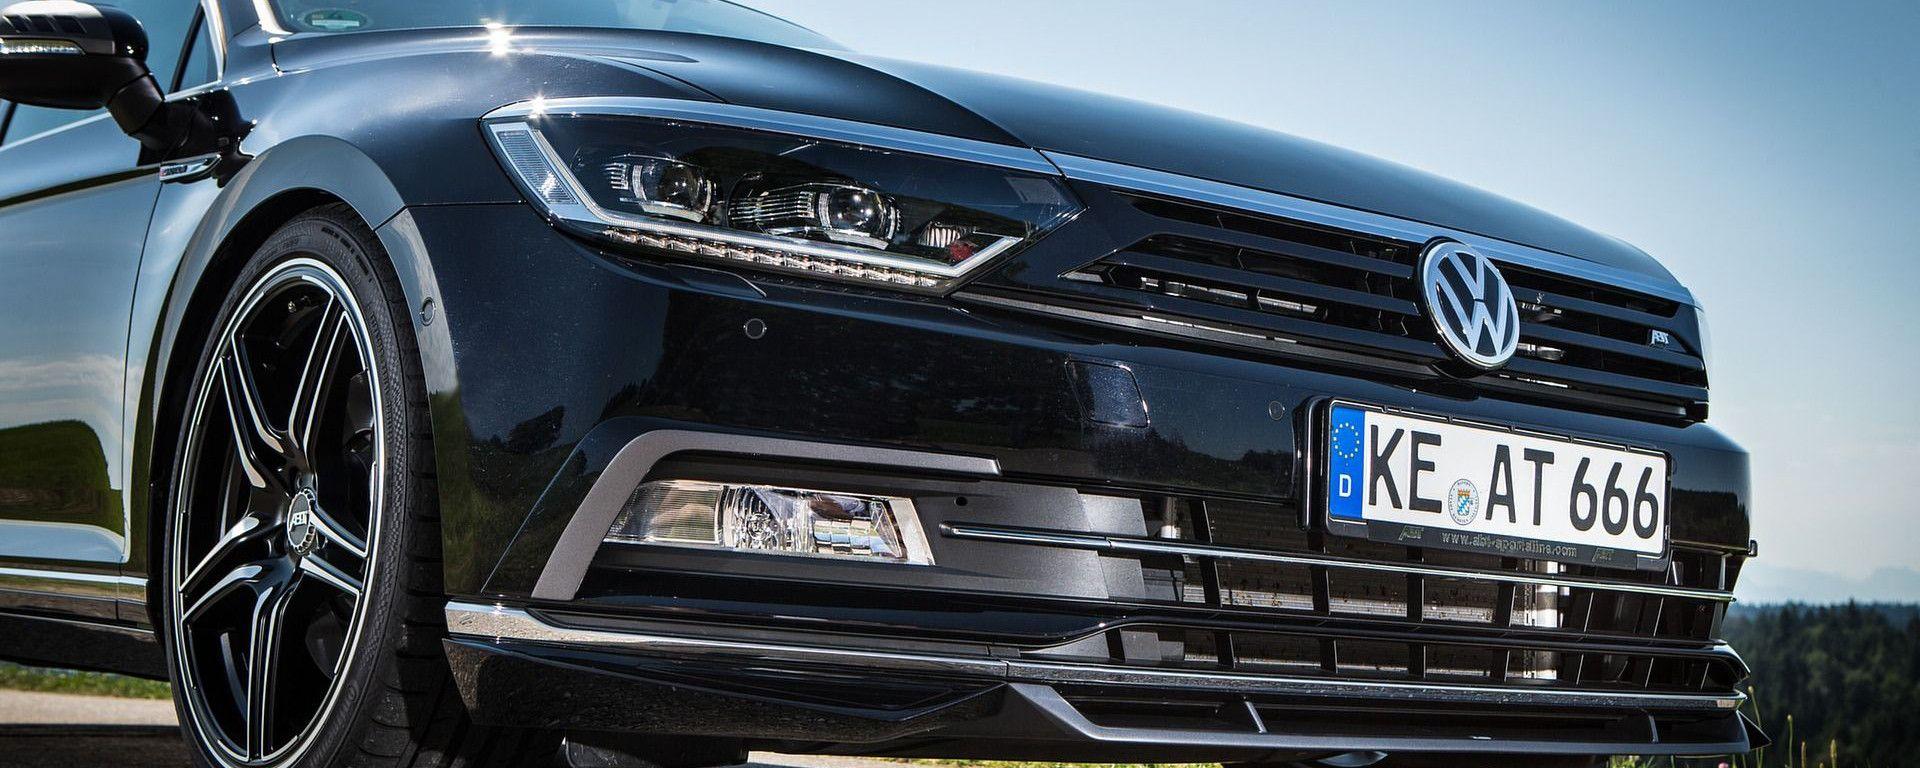 Nuova Volkswagen Passat: confermata la nona generazione